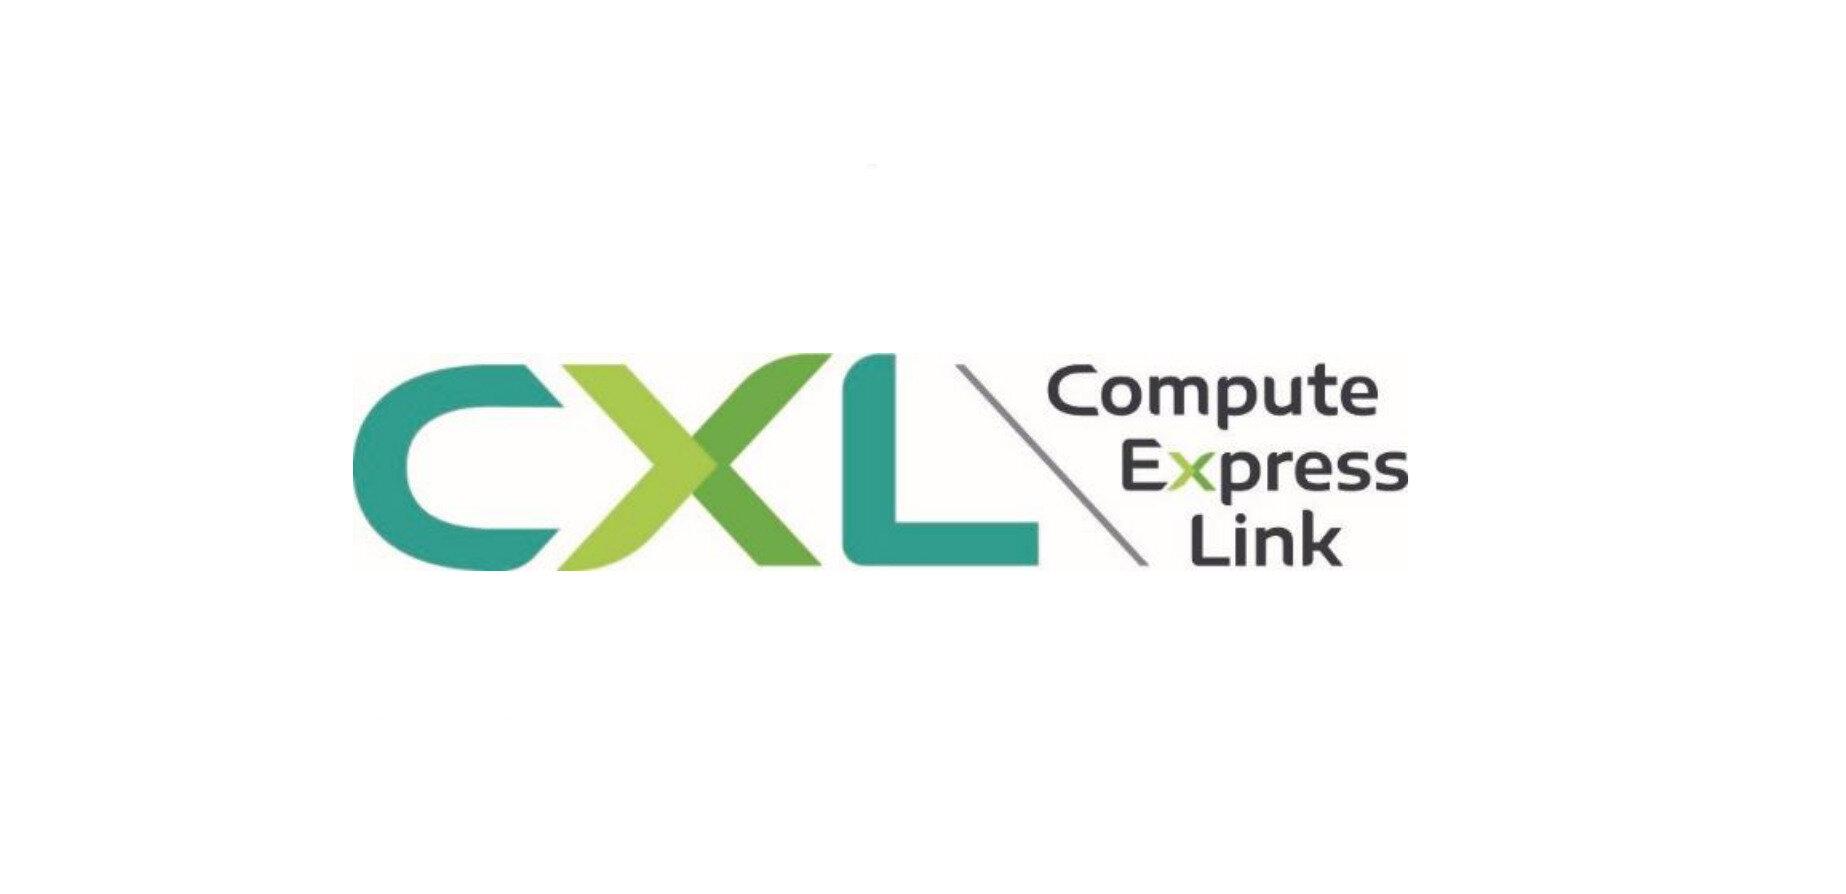 Les consortiums Compute Express Link (CXL) et Gen-Z trouvent un terrain d'entente #IH